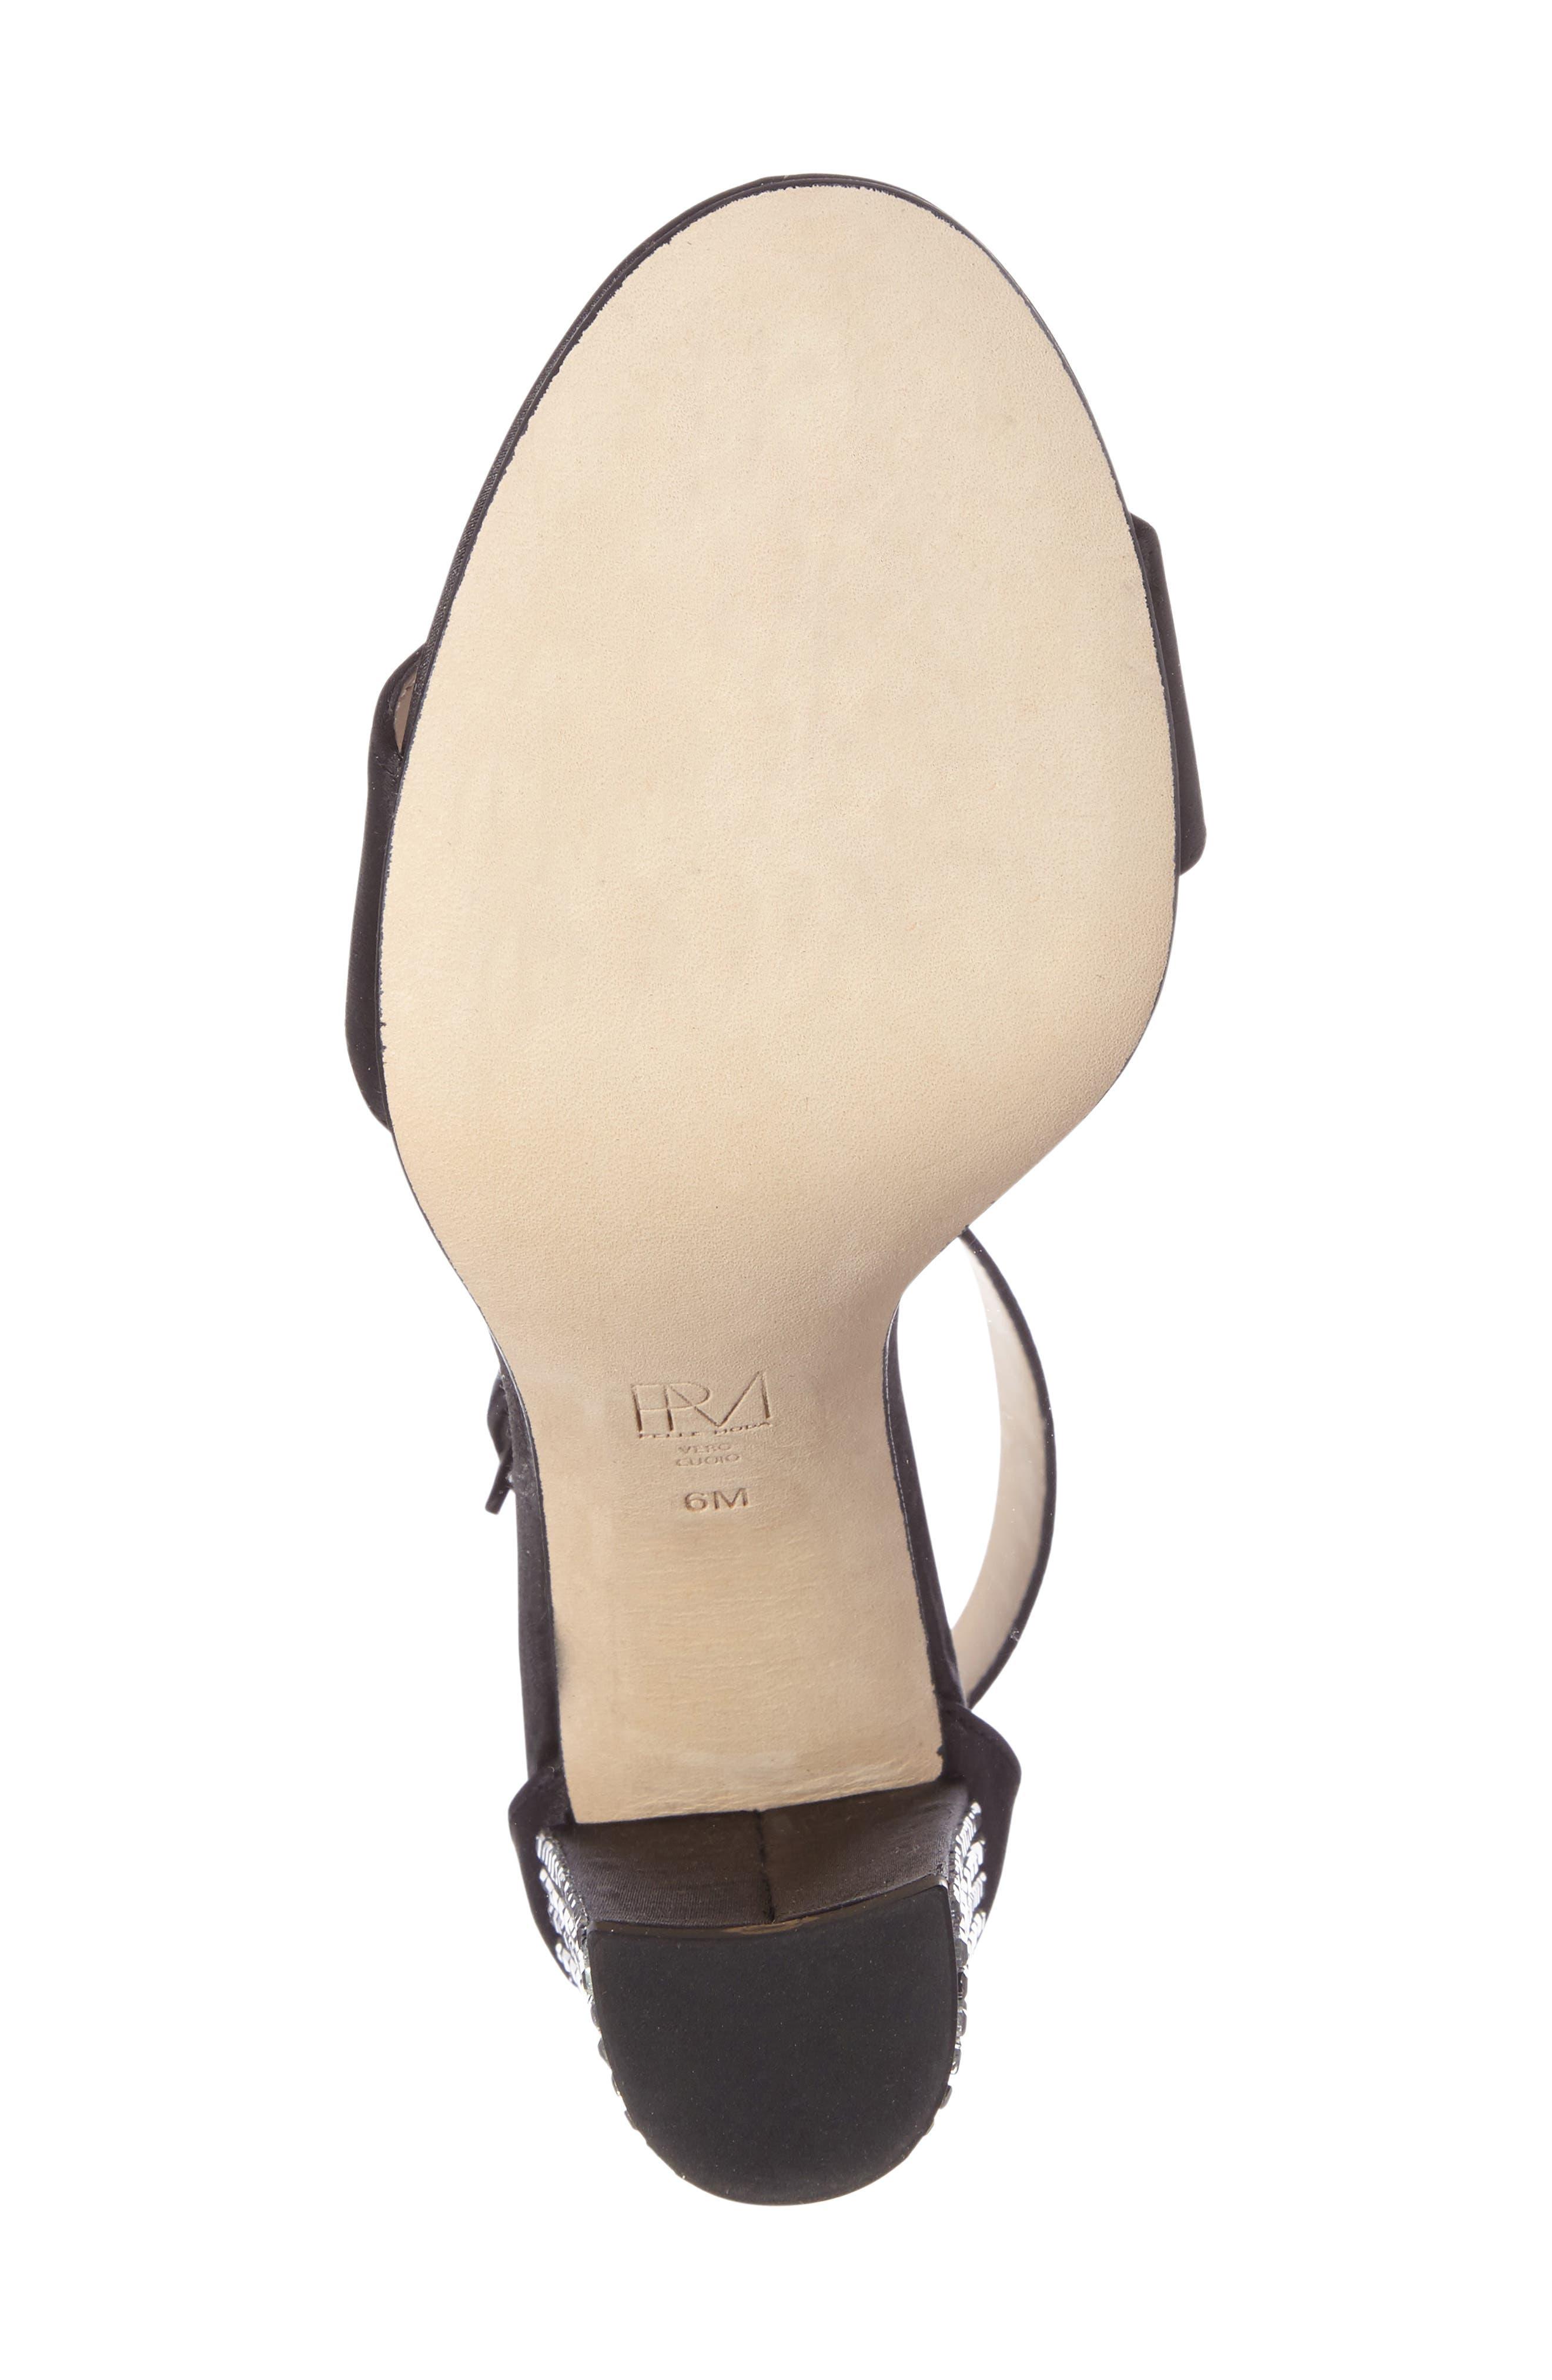 Bonnie 3 Embellished Ankle Strap Sandal,                             Alternate thumbnail 4, color,                             001